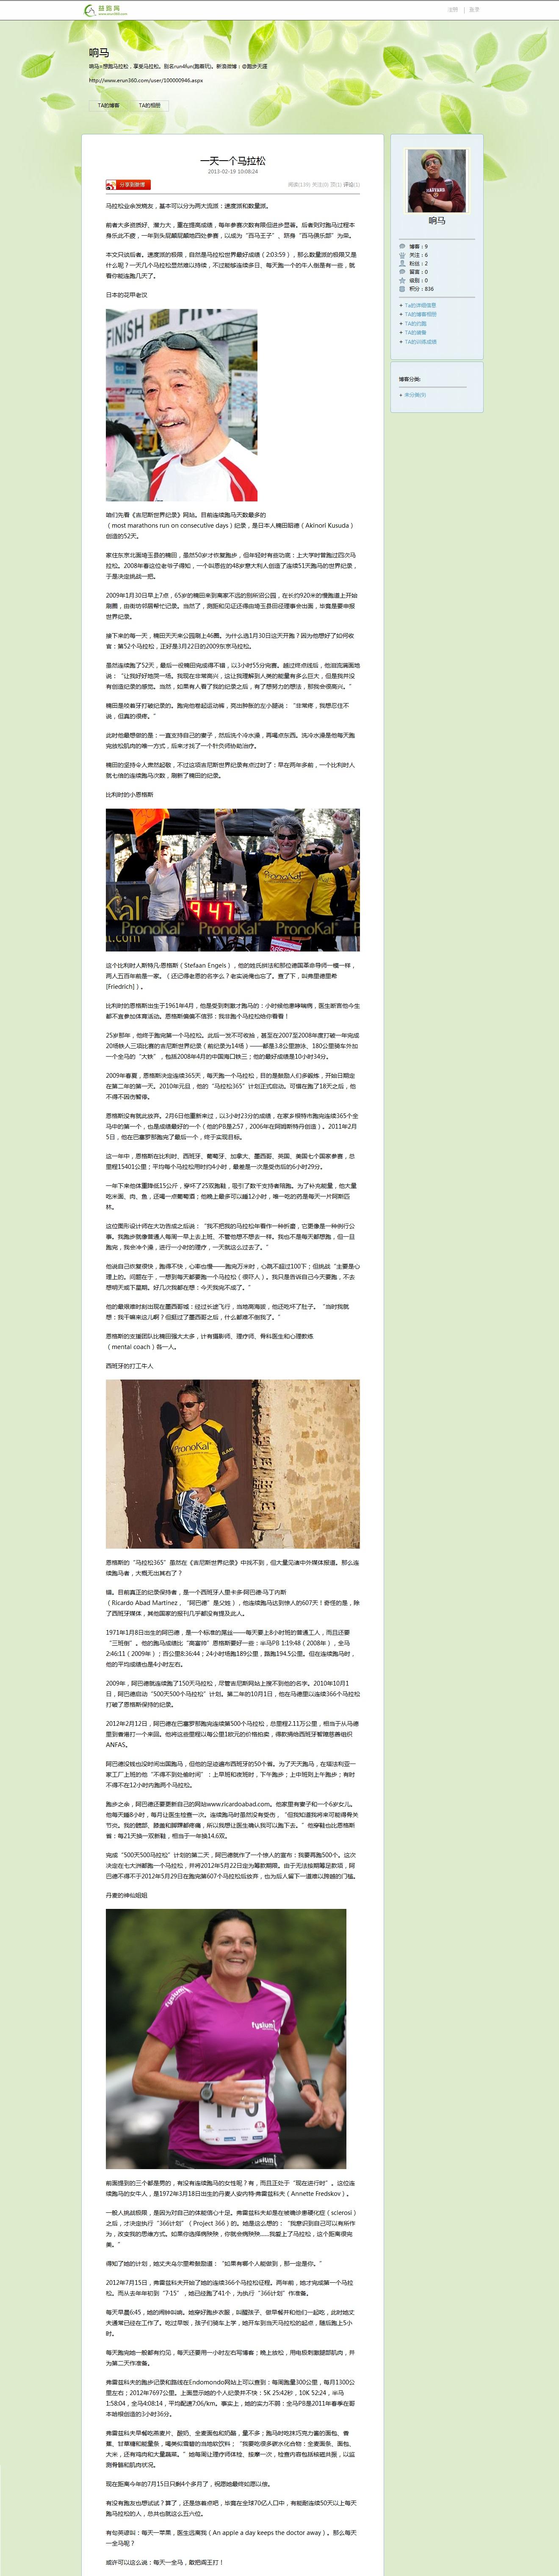 erun360.com 2013.02.19 kinesisk